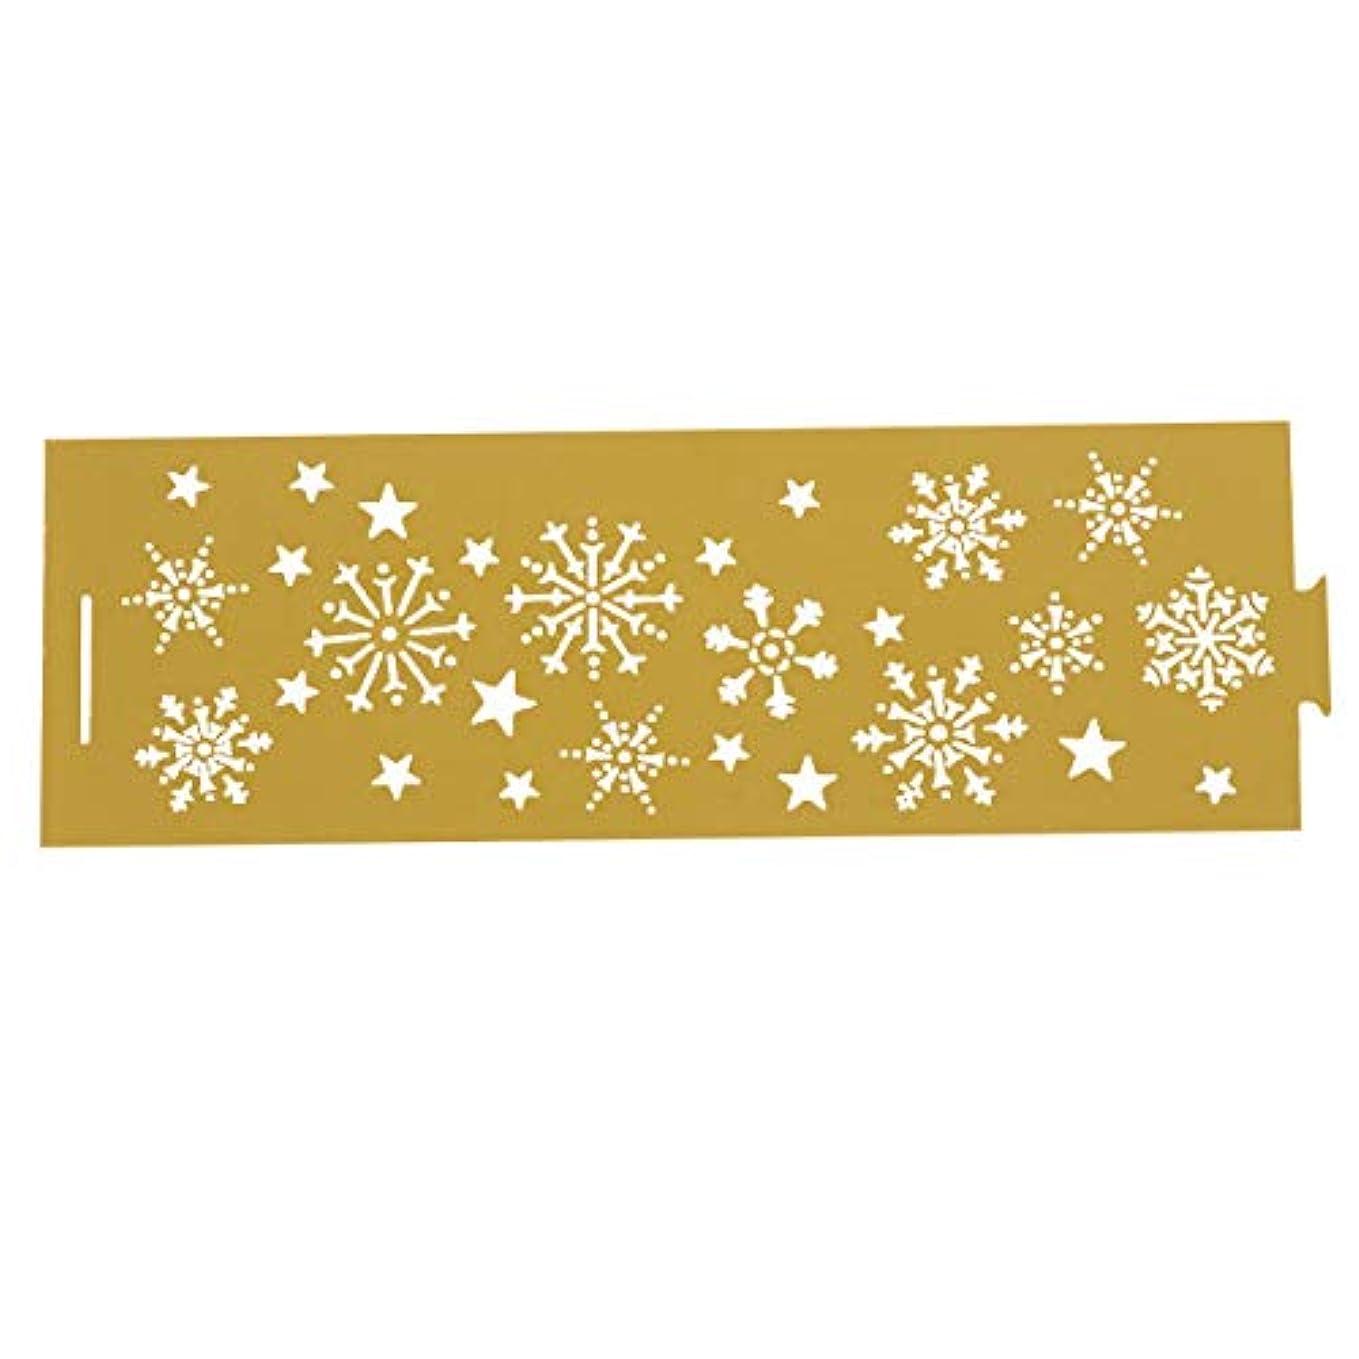 モック橋ポータルBESTONZON 50ピースled電子キャンドルラッパーライト中空キャンドルシェードカバーペーパーラッパーペーパーキャンドル装飾(ゴールデン)